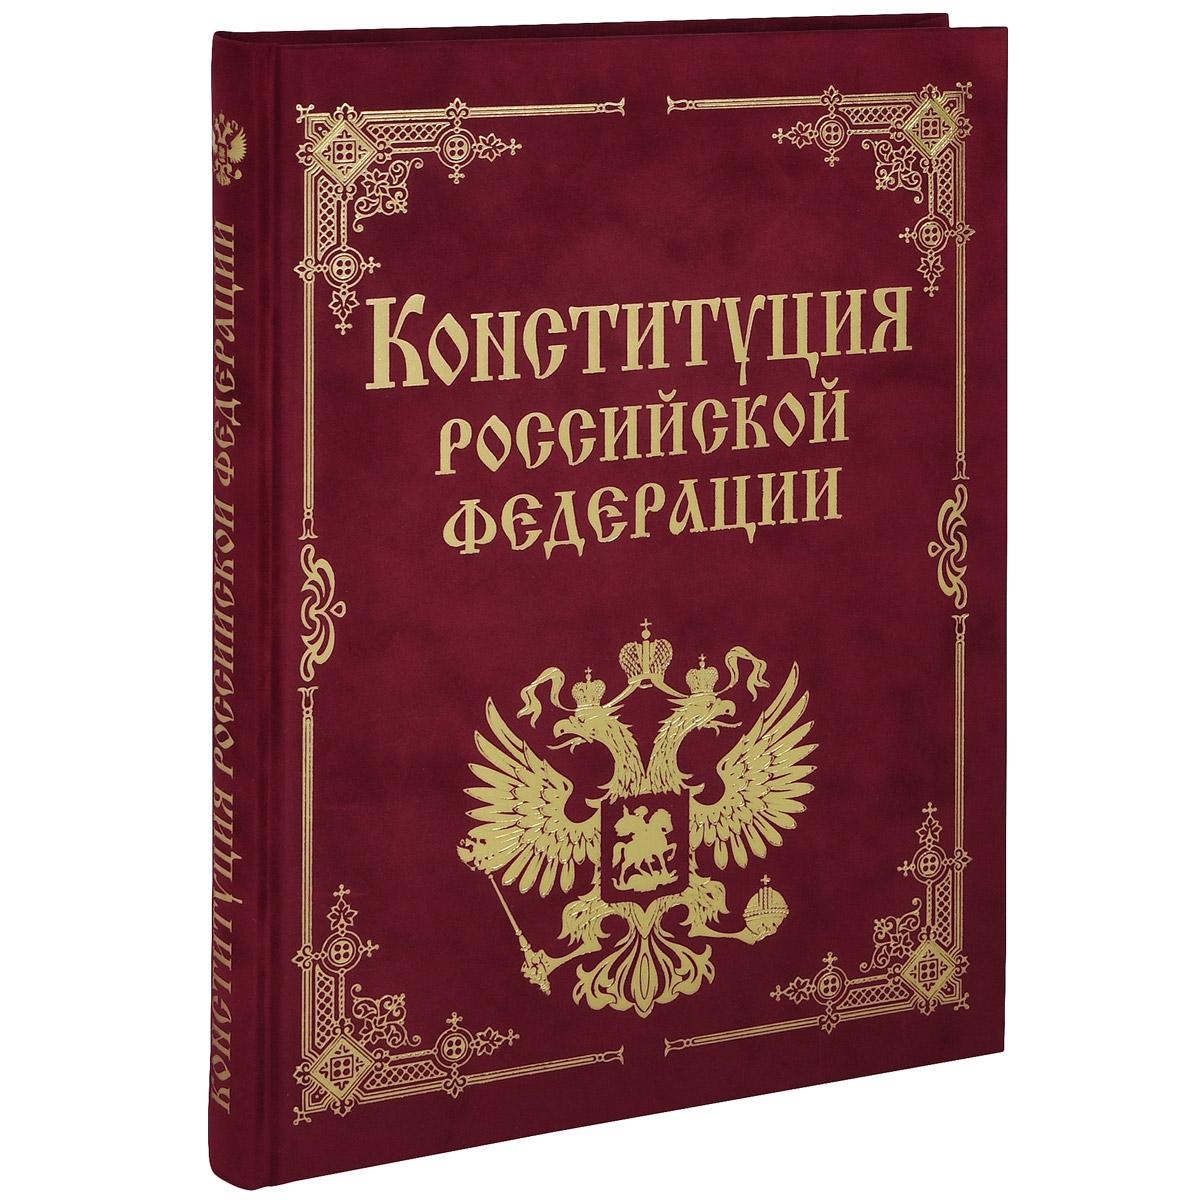 Конституция РФ и основные федеральные конституционные законы (подарочное издание)